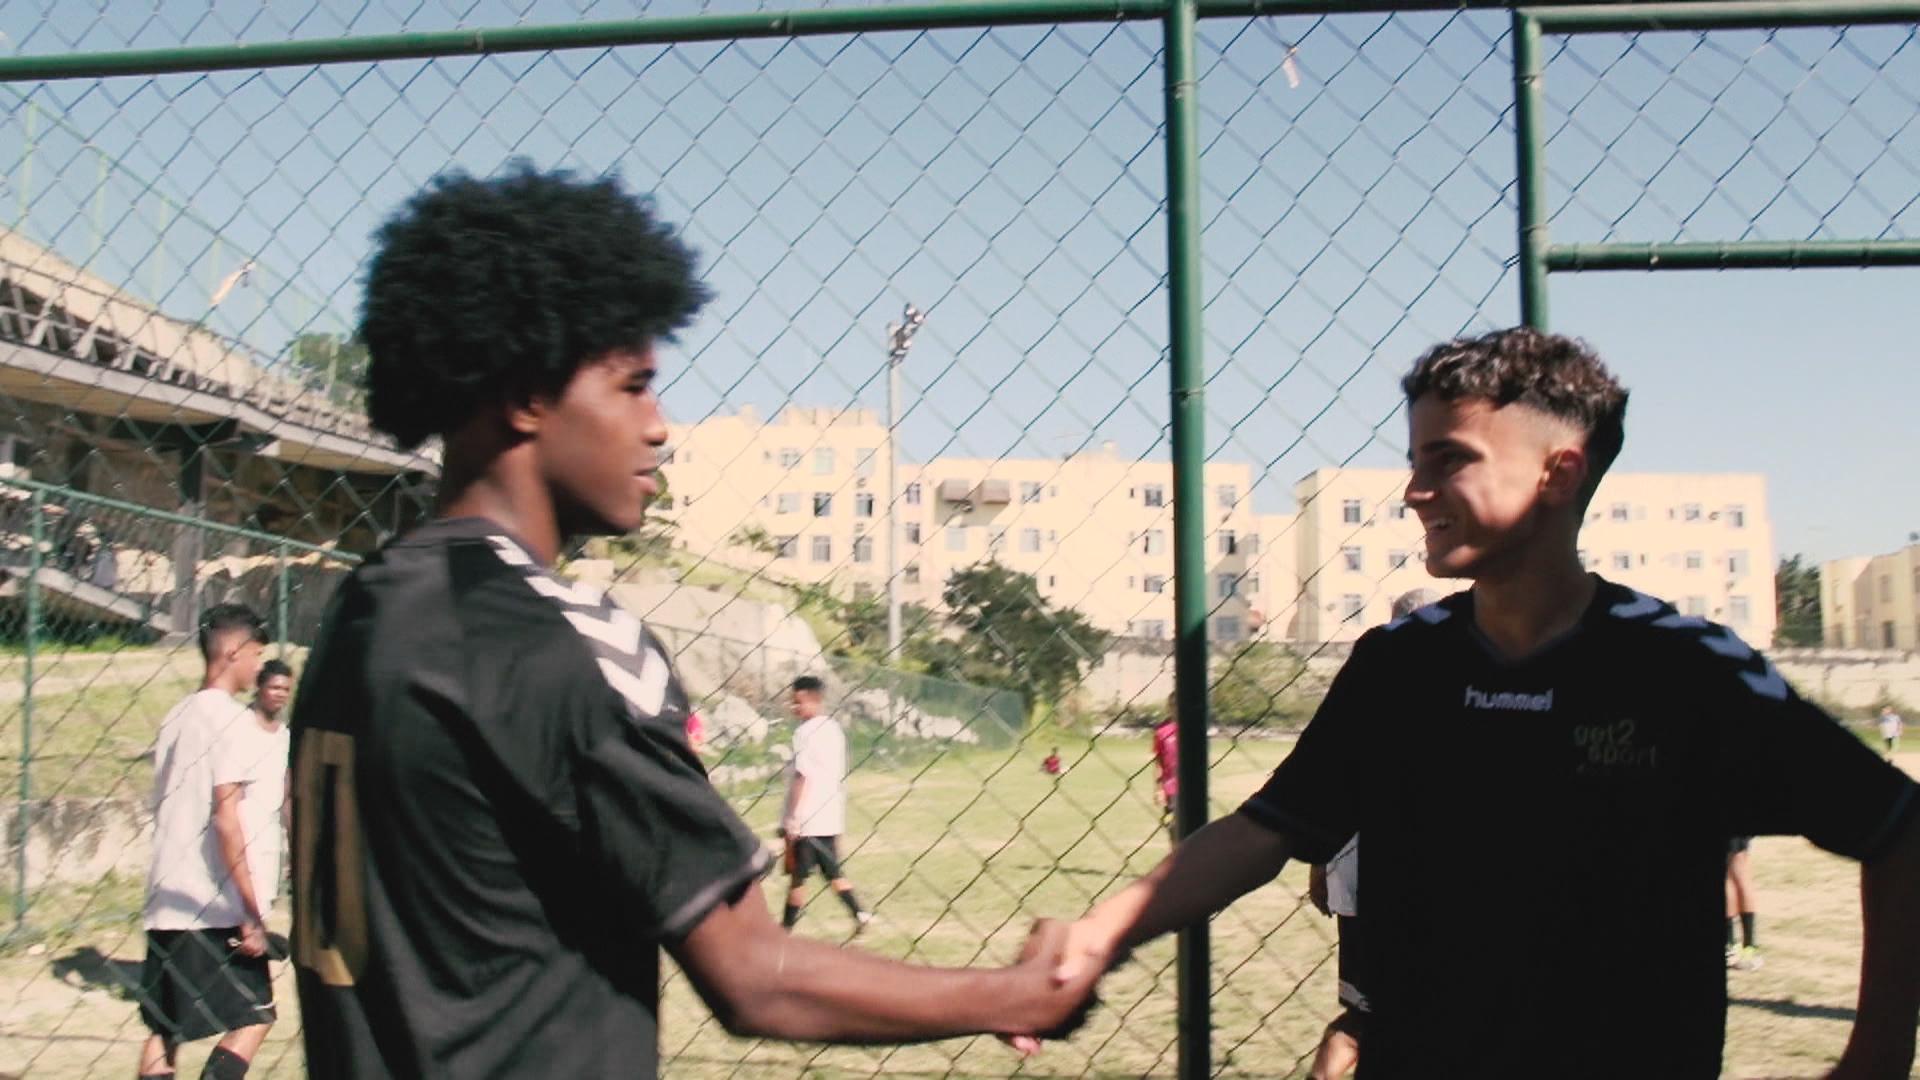 hmel brasilien feature screendump4